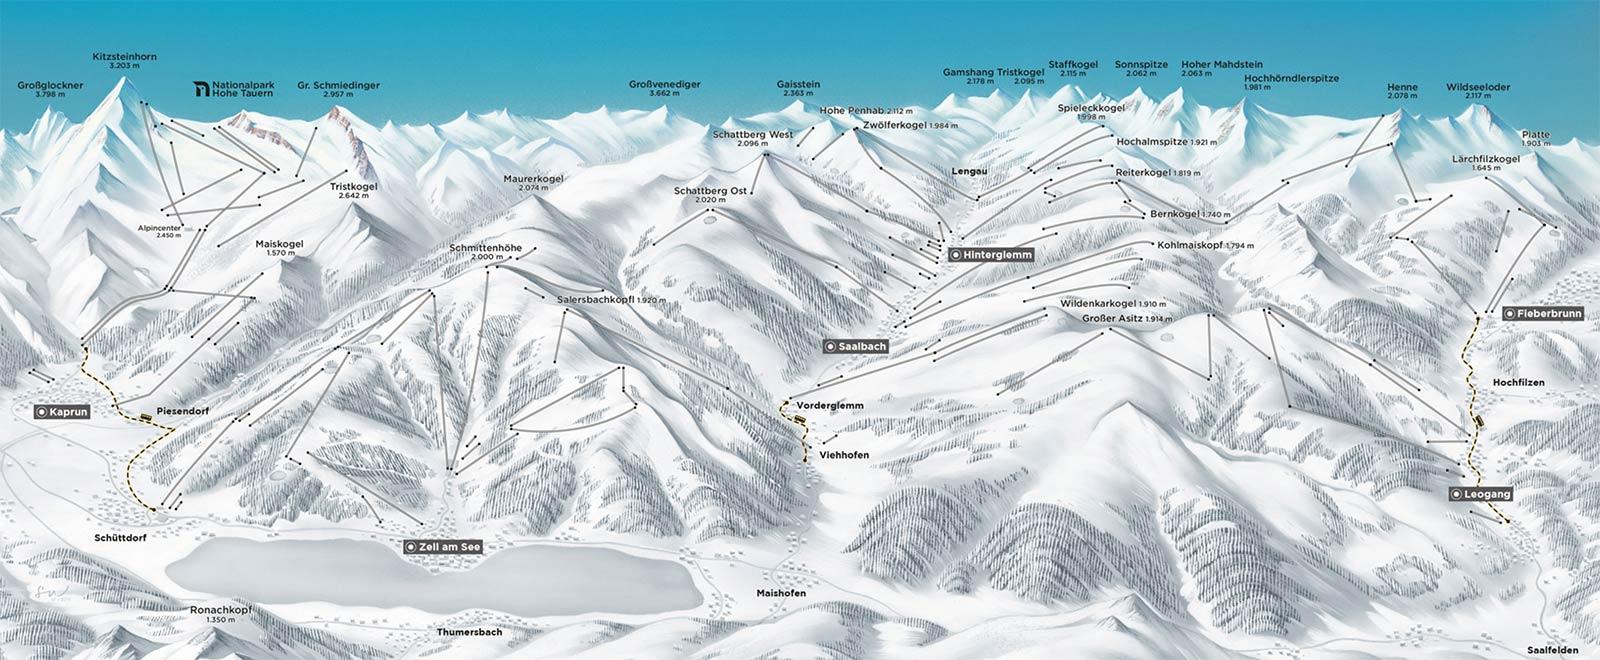 Übersicht: Die Gebiete der Alpin Card (Ski, Action, Classic) 2019/2020